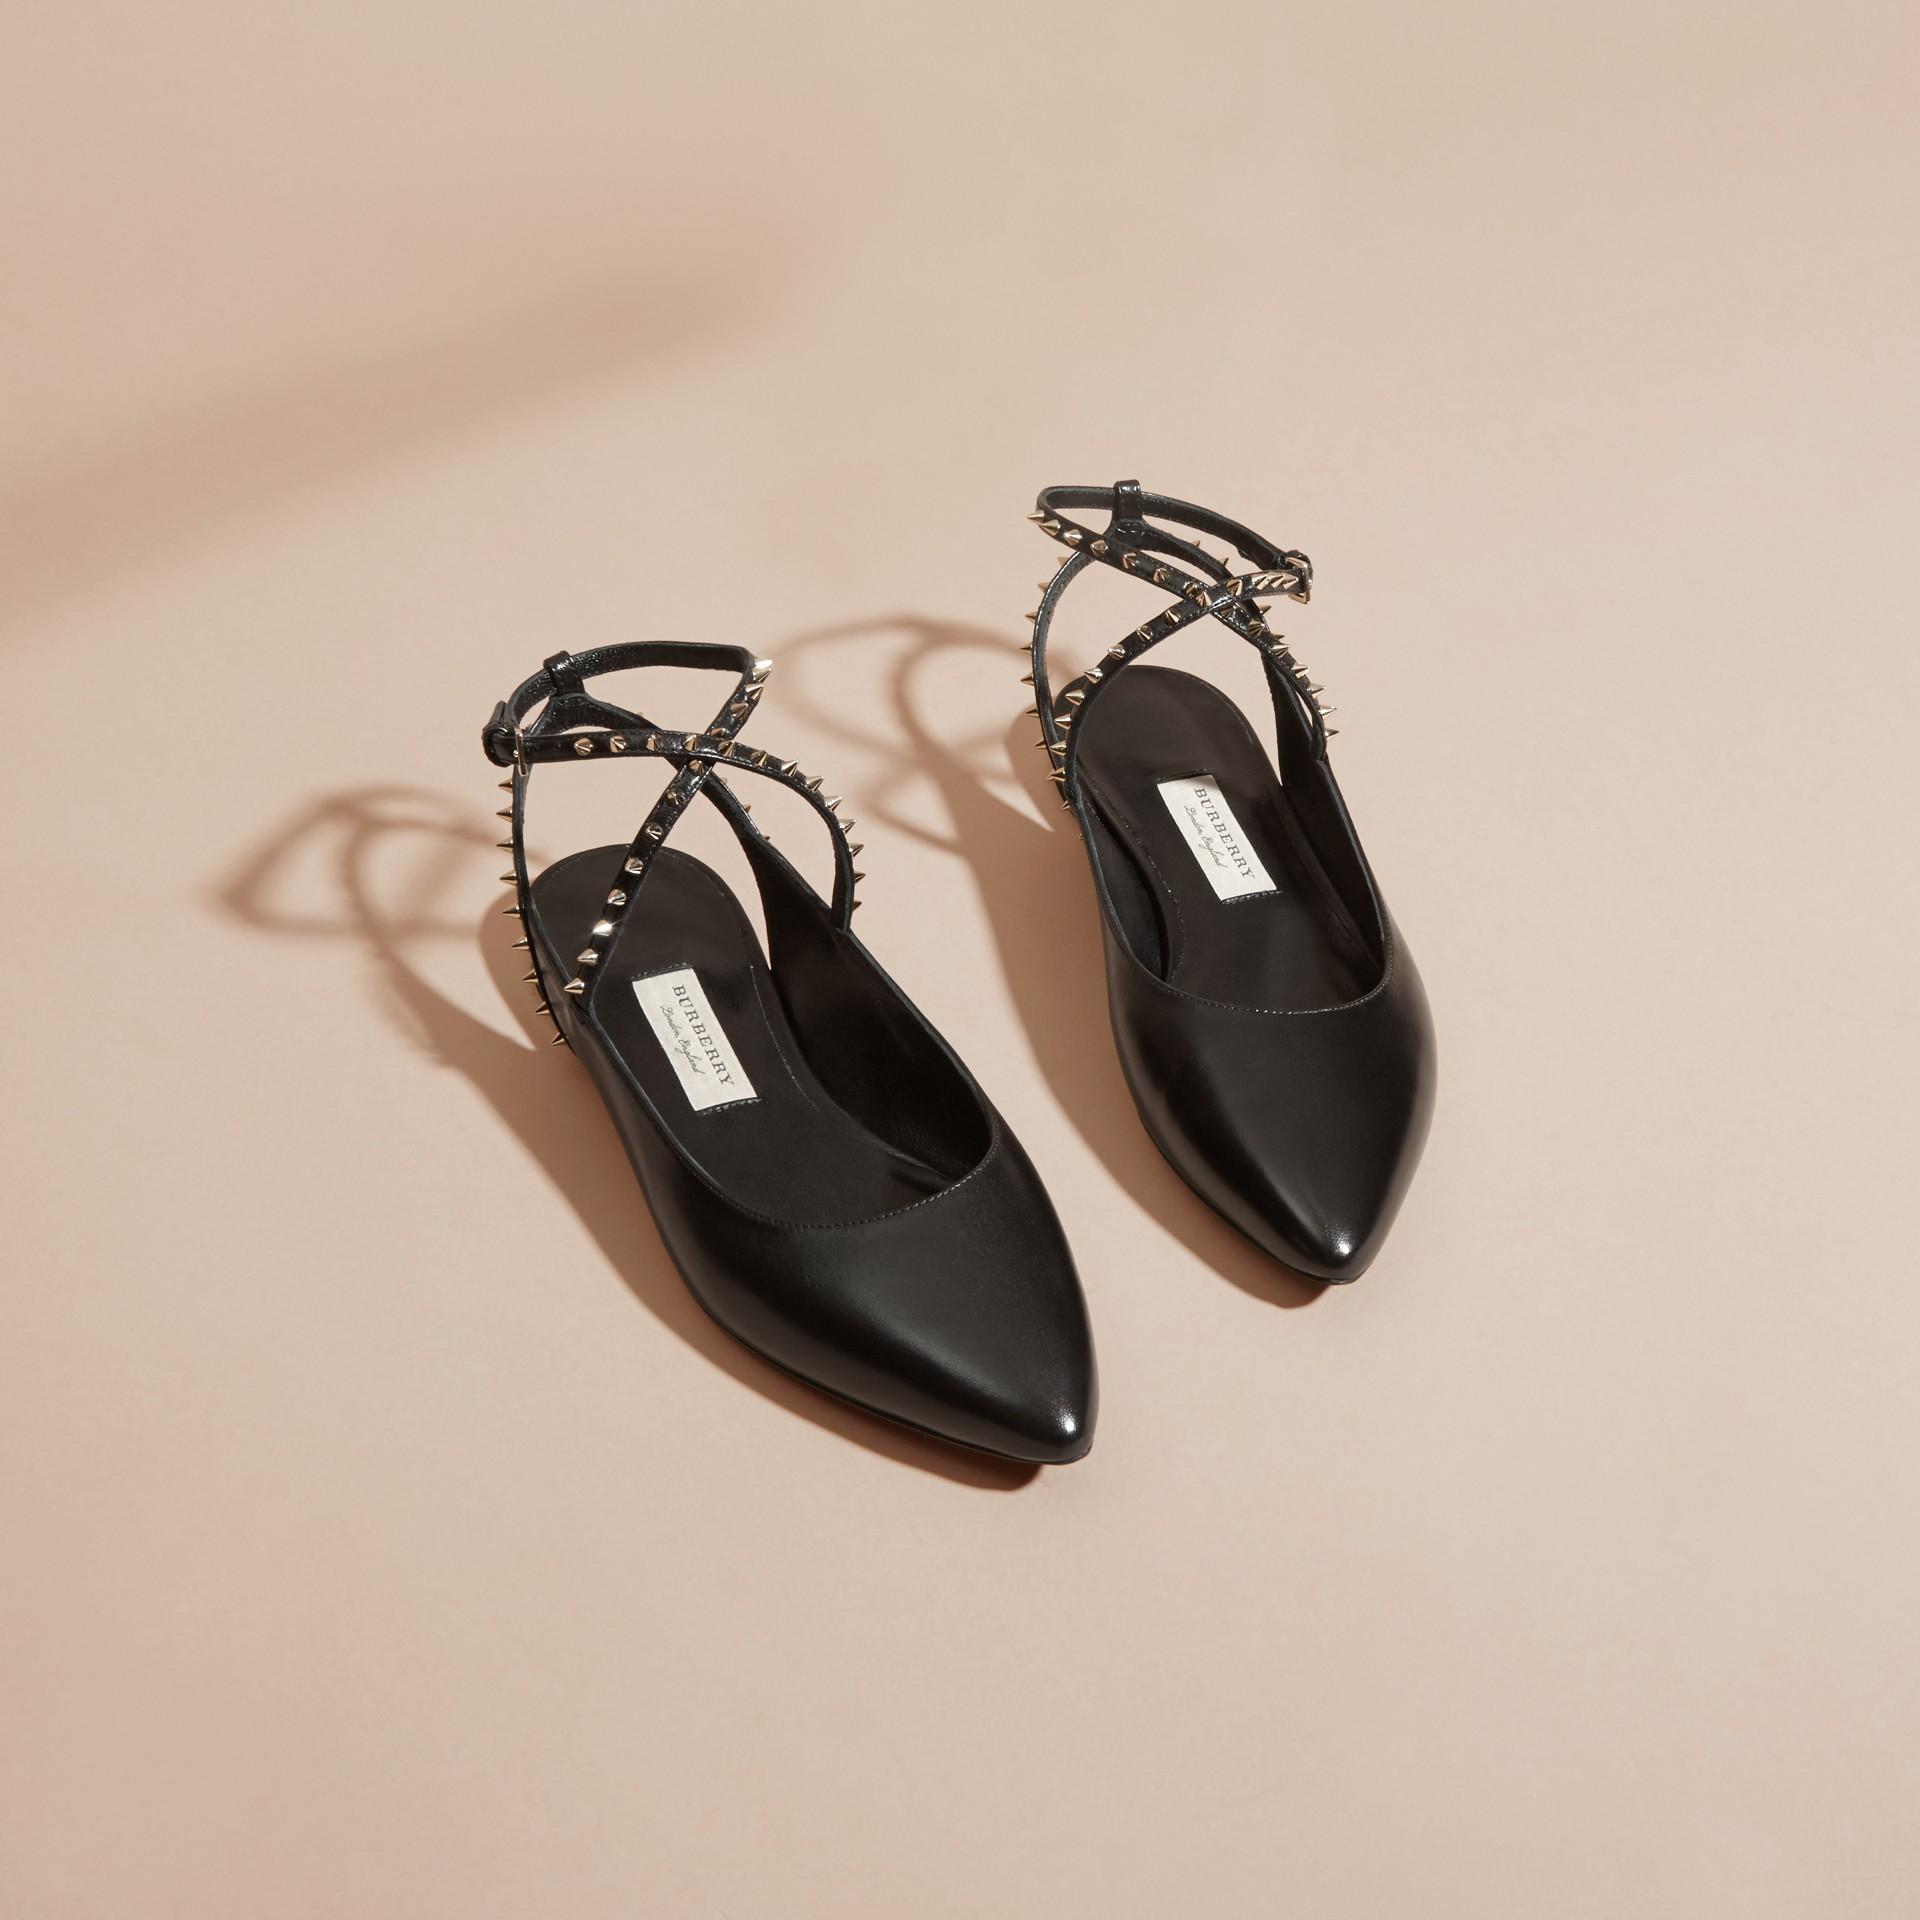 Nero Sandali tipo Chanel in pelle borchiata - immagine della galleria 3